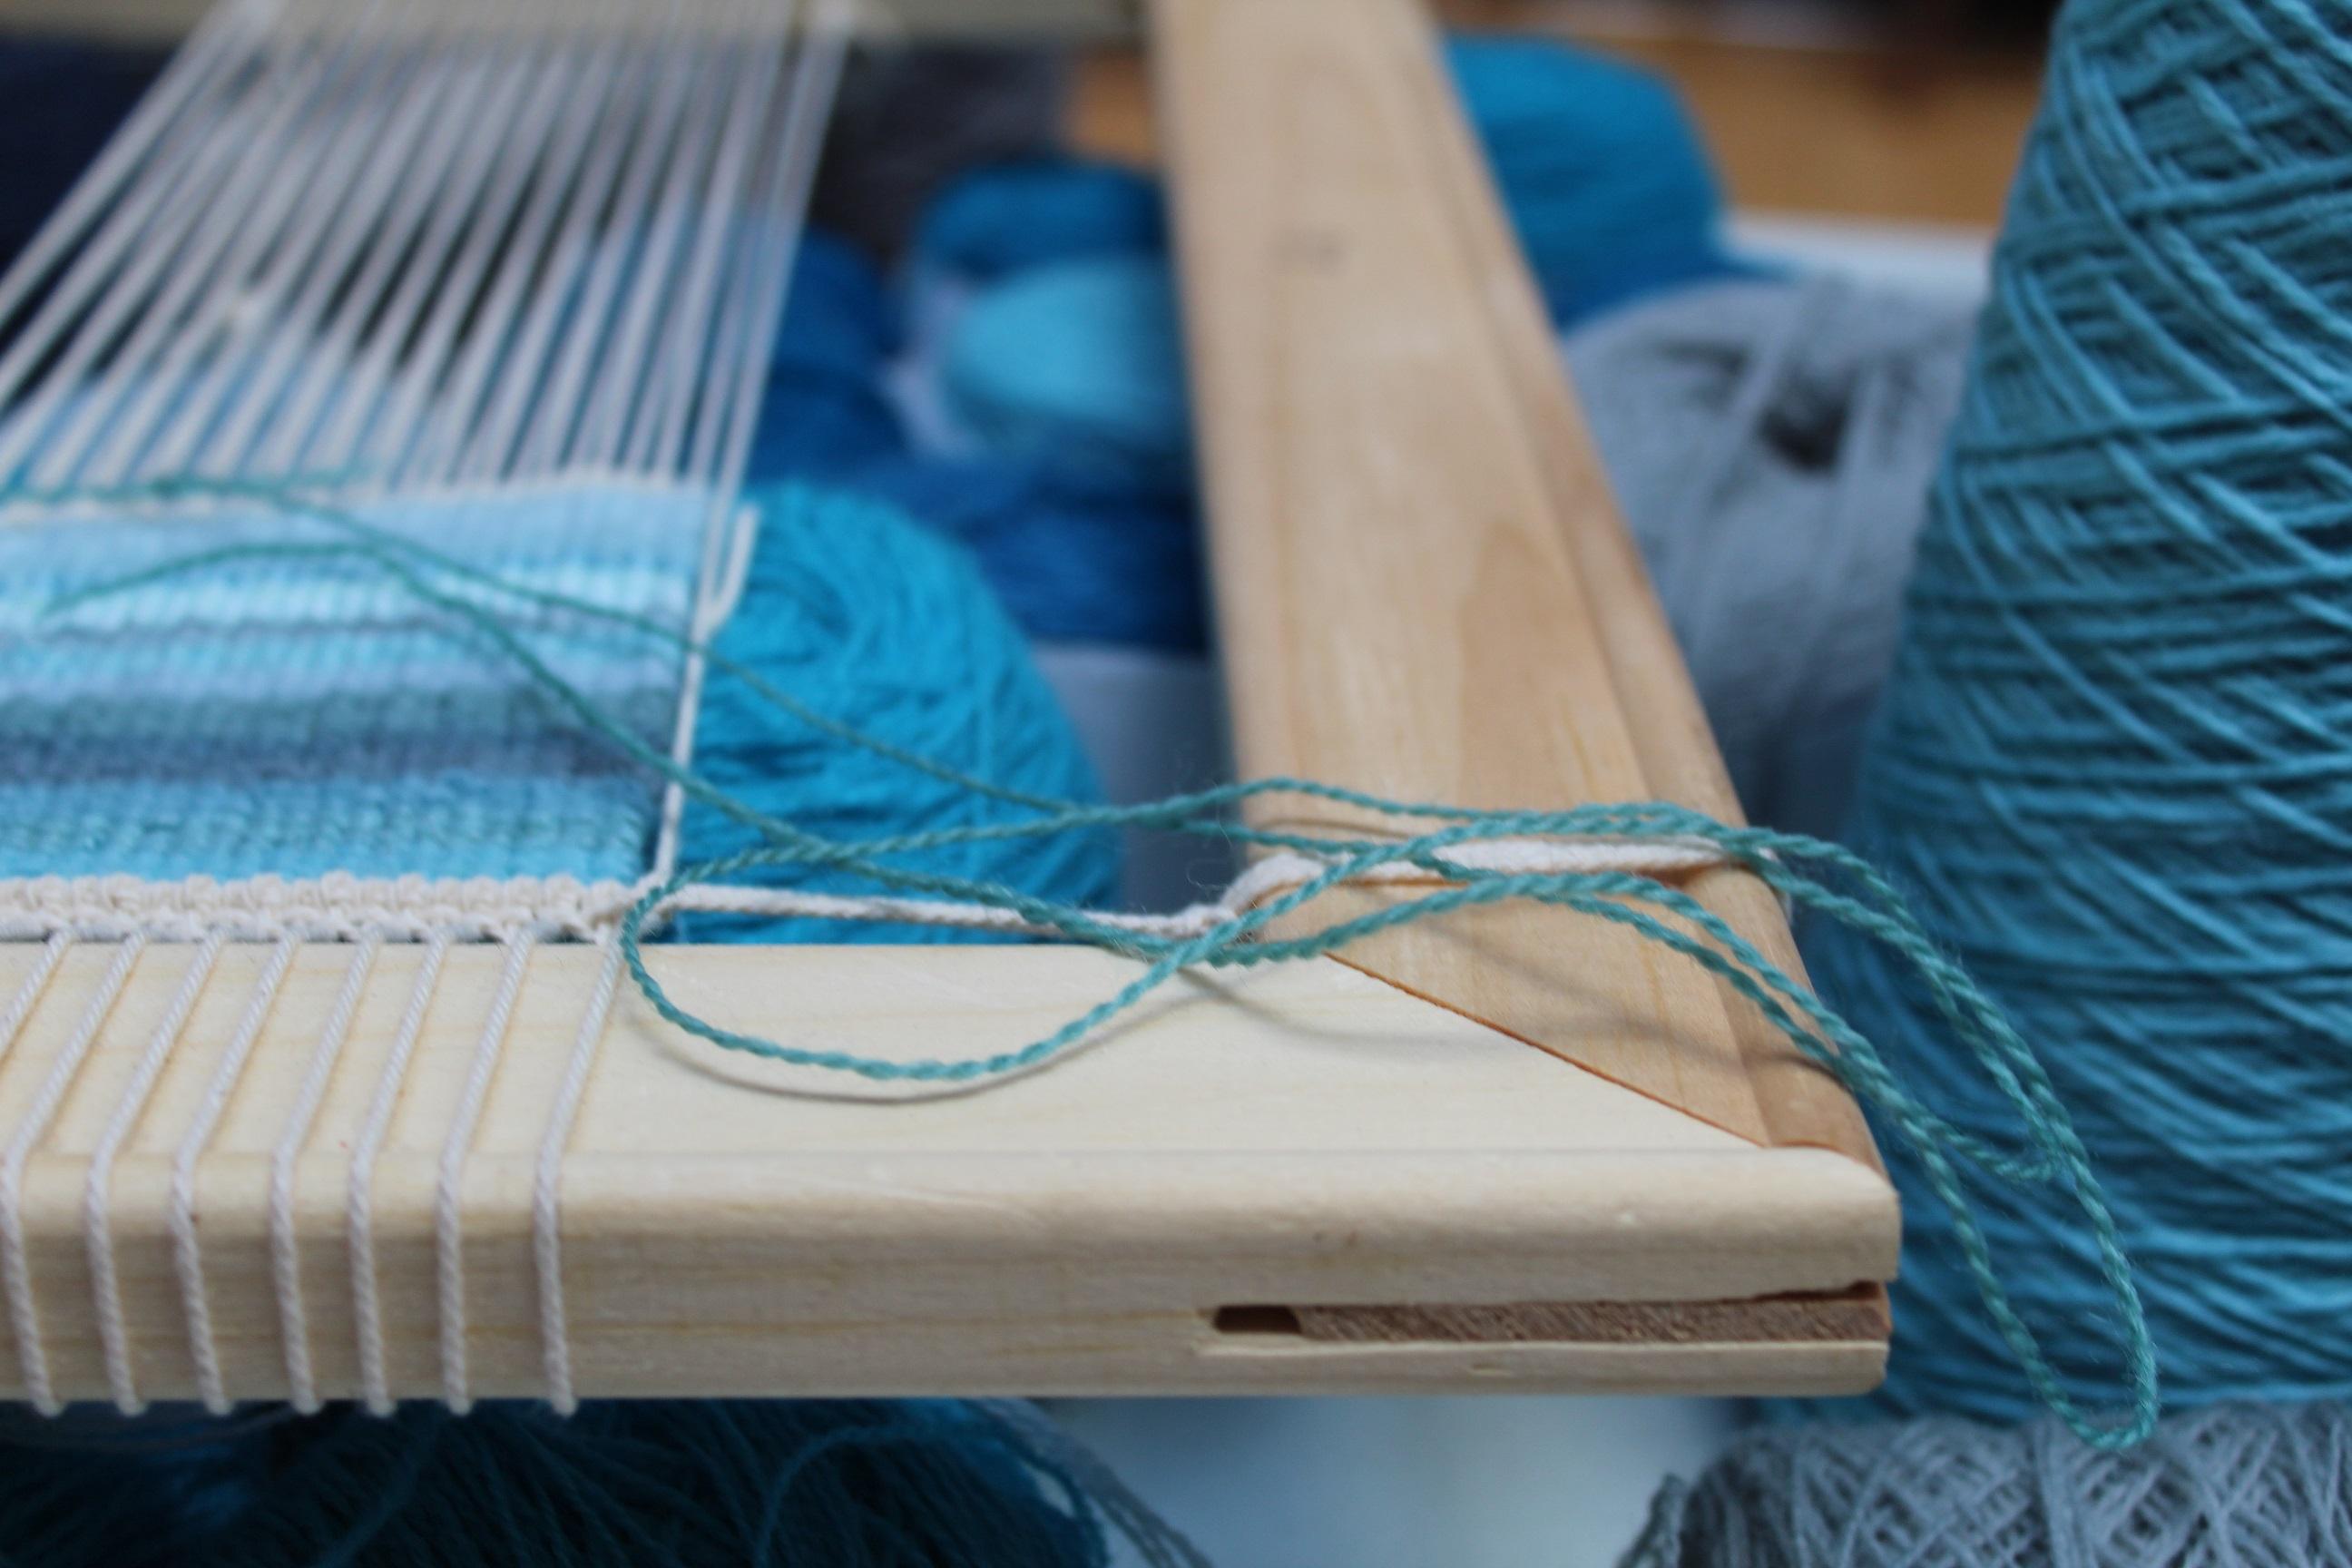 Tapestry Weaving 3-Day Workshop | Weaving Water